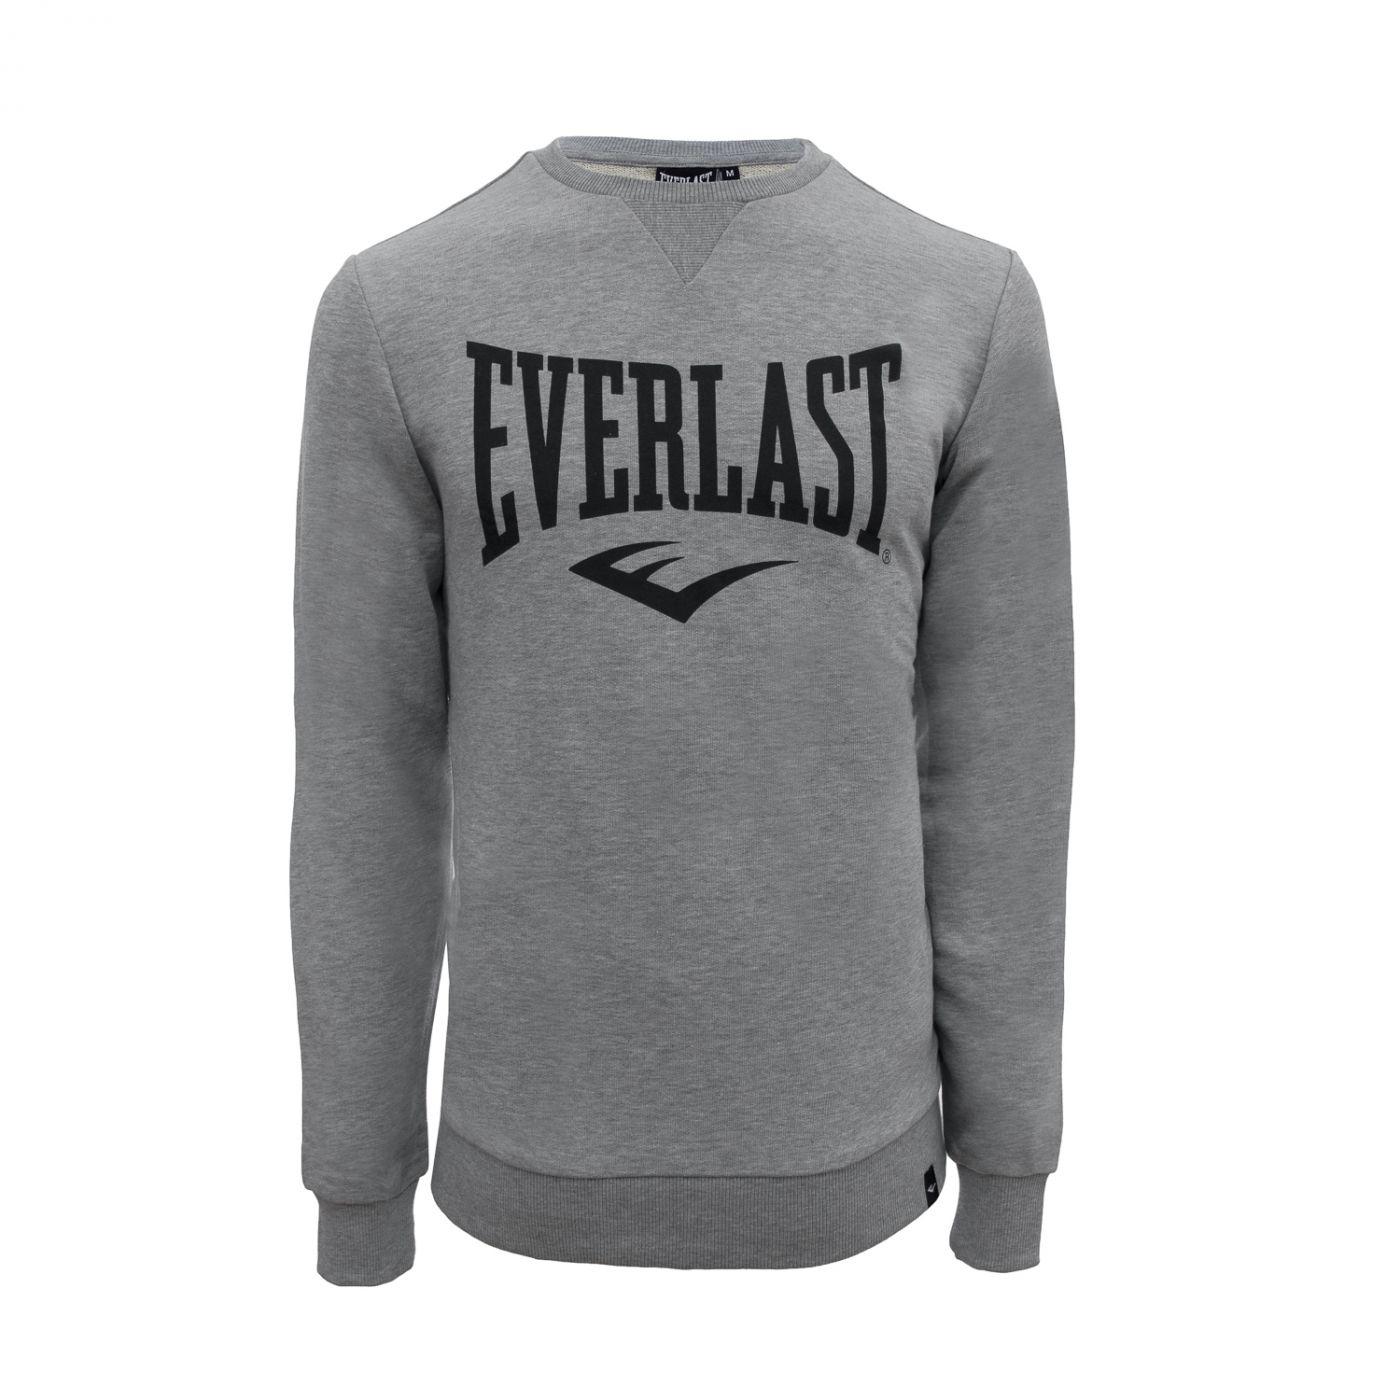 Толстовка Everlast Basic Crew, размер L, серая, артикул 788701-60 L GR